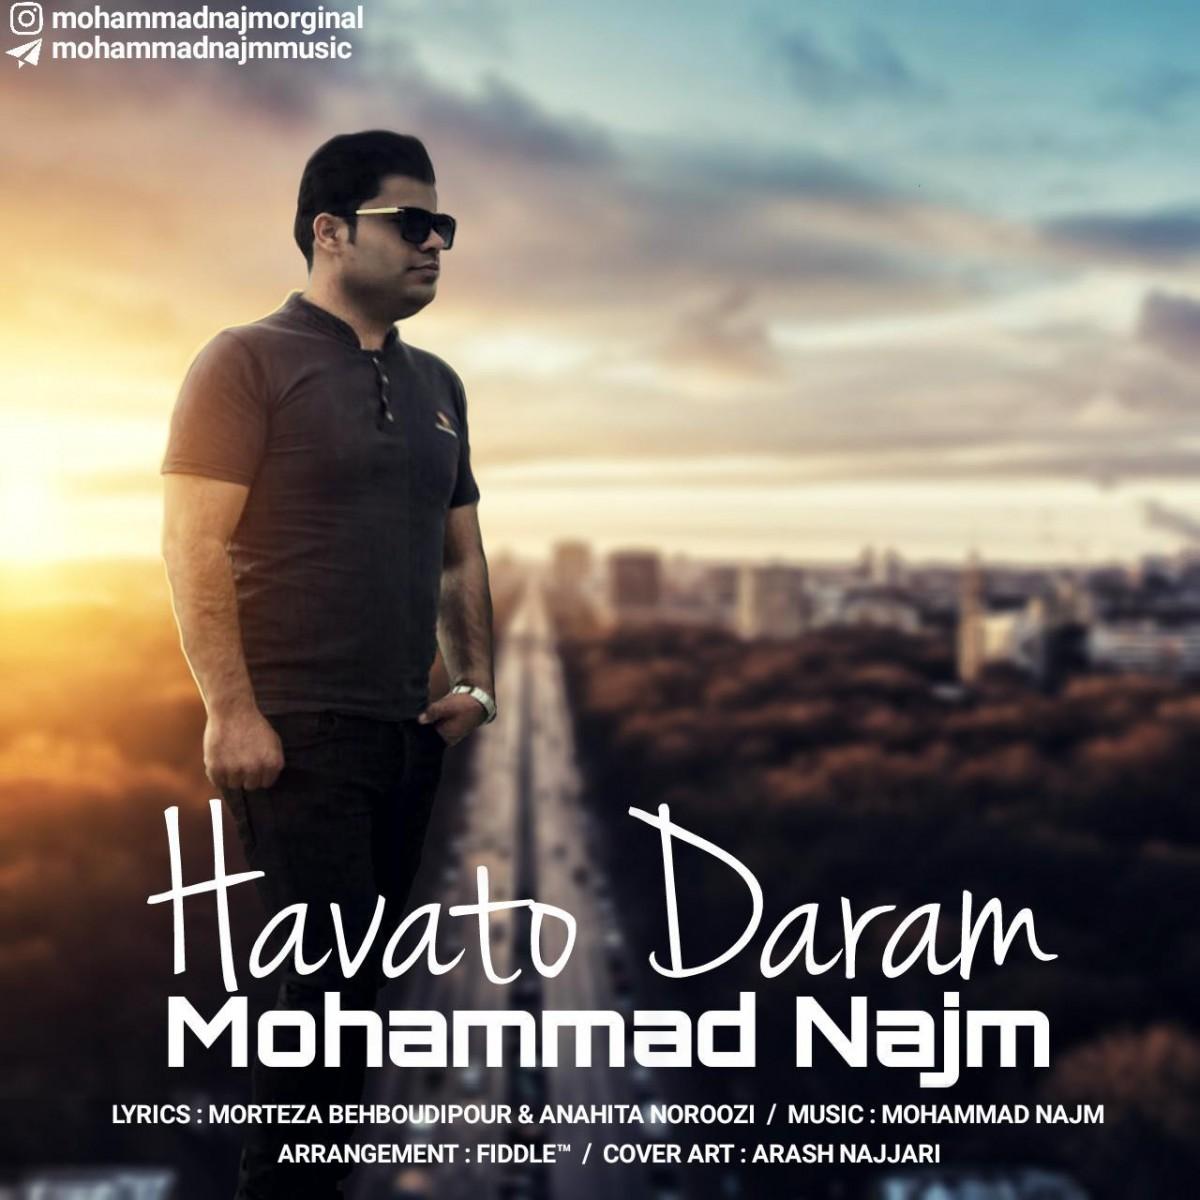 نامبر وان موزیک | دانلود آهنگ جدید Mohammad-Najm-Havato-Daram